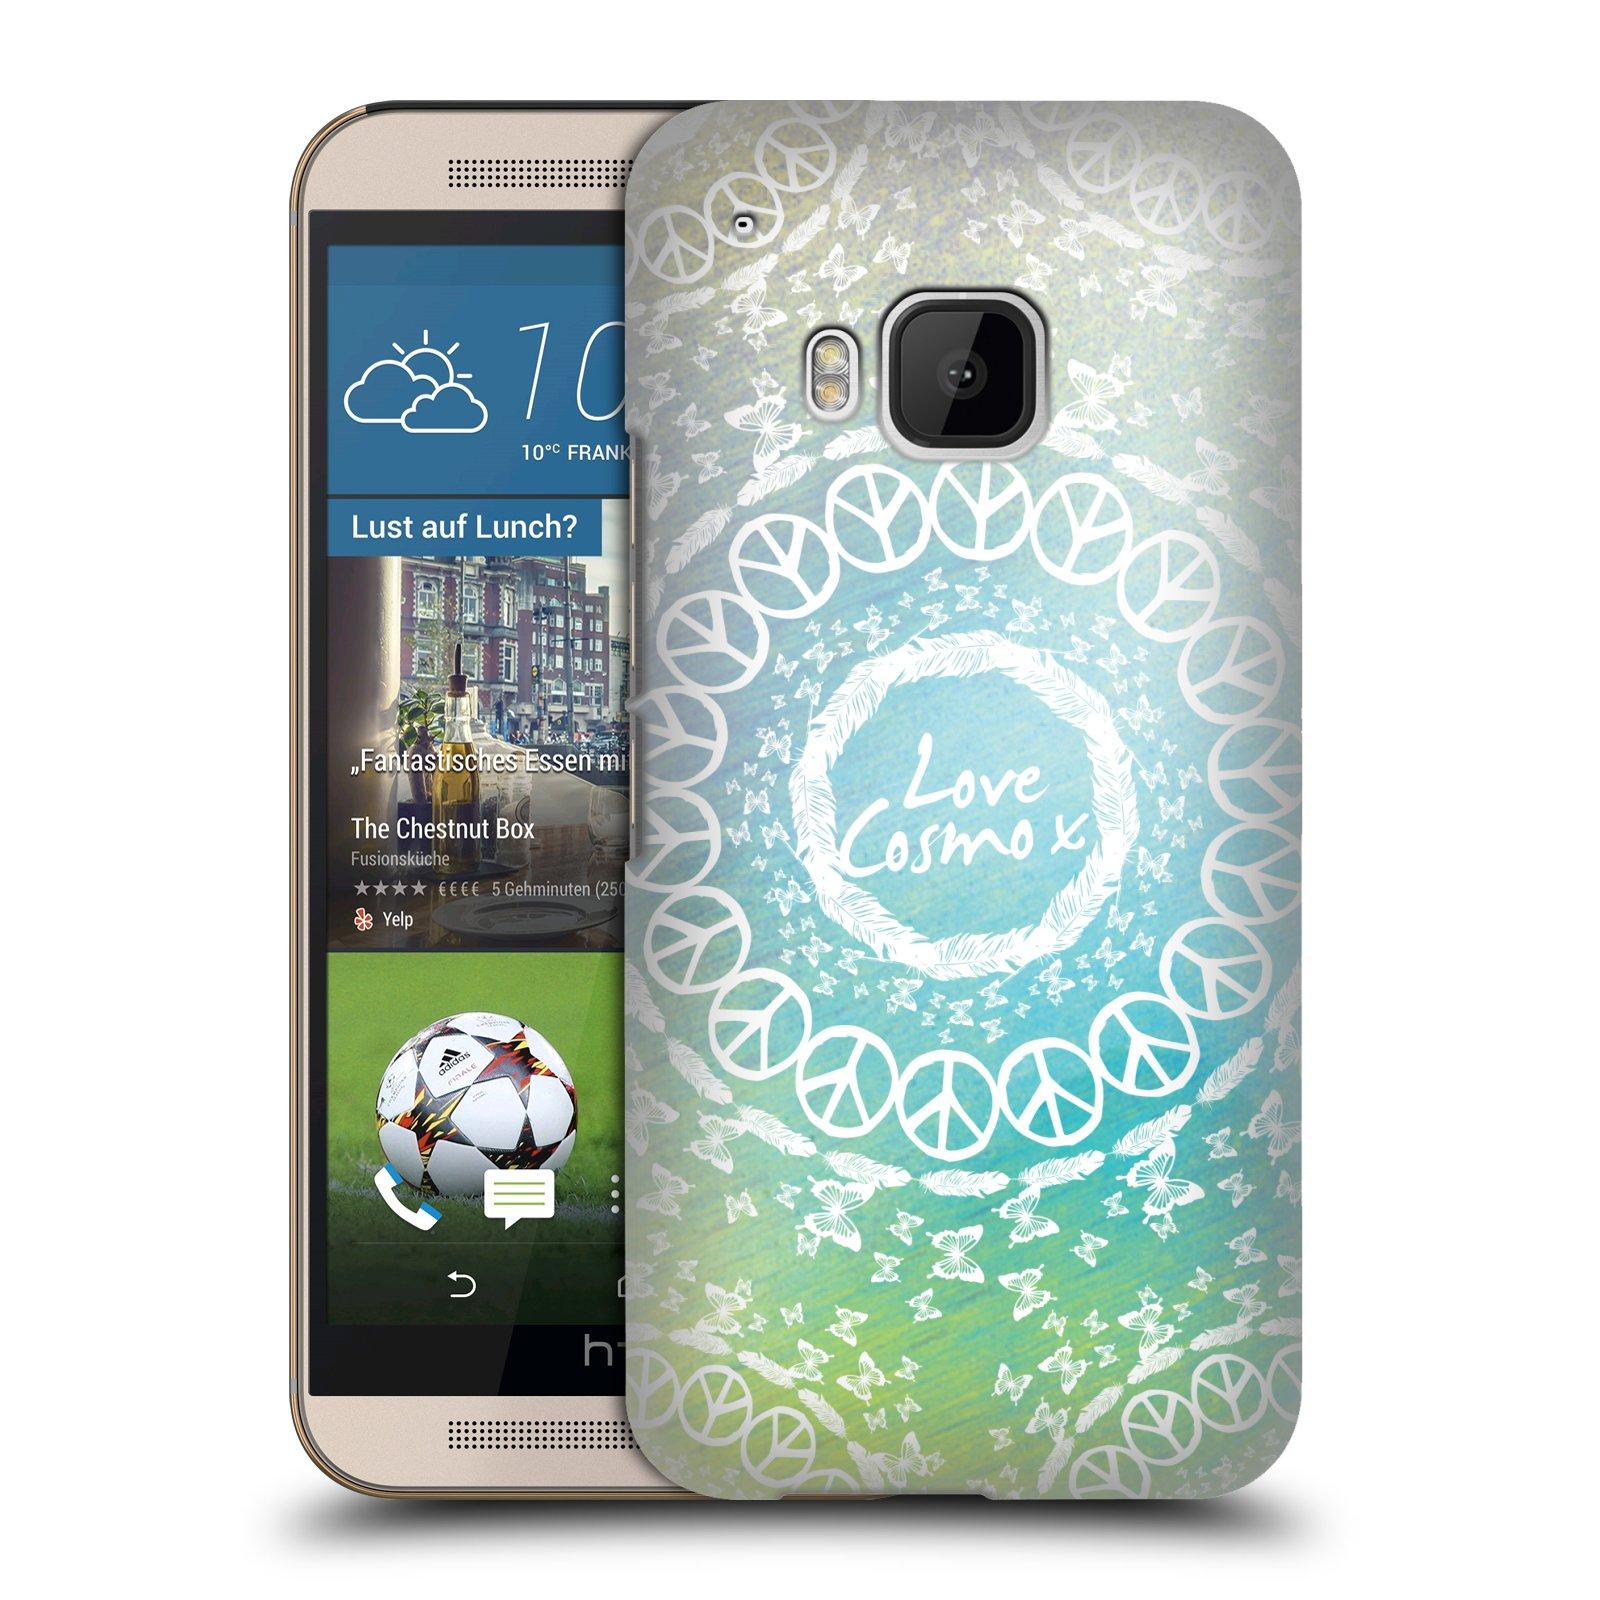 OFFICIAL COSMOPOLITAN BOHO HARD BACK CASE FOR HTC PHONES 1